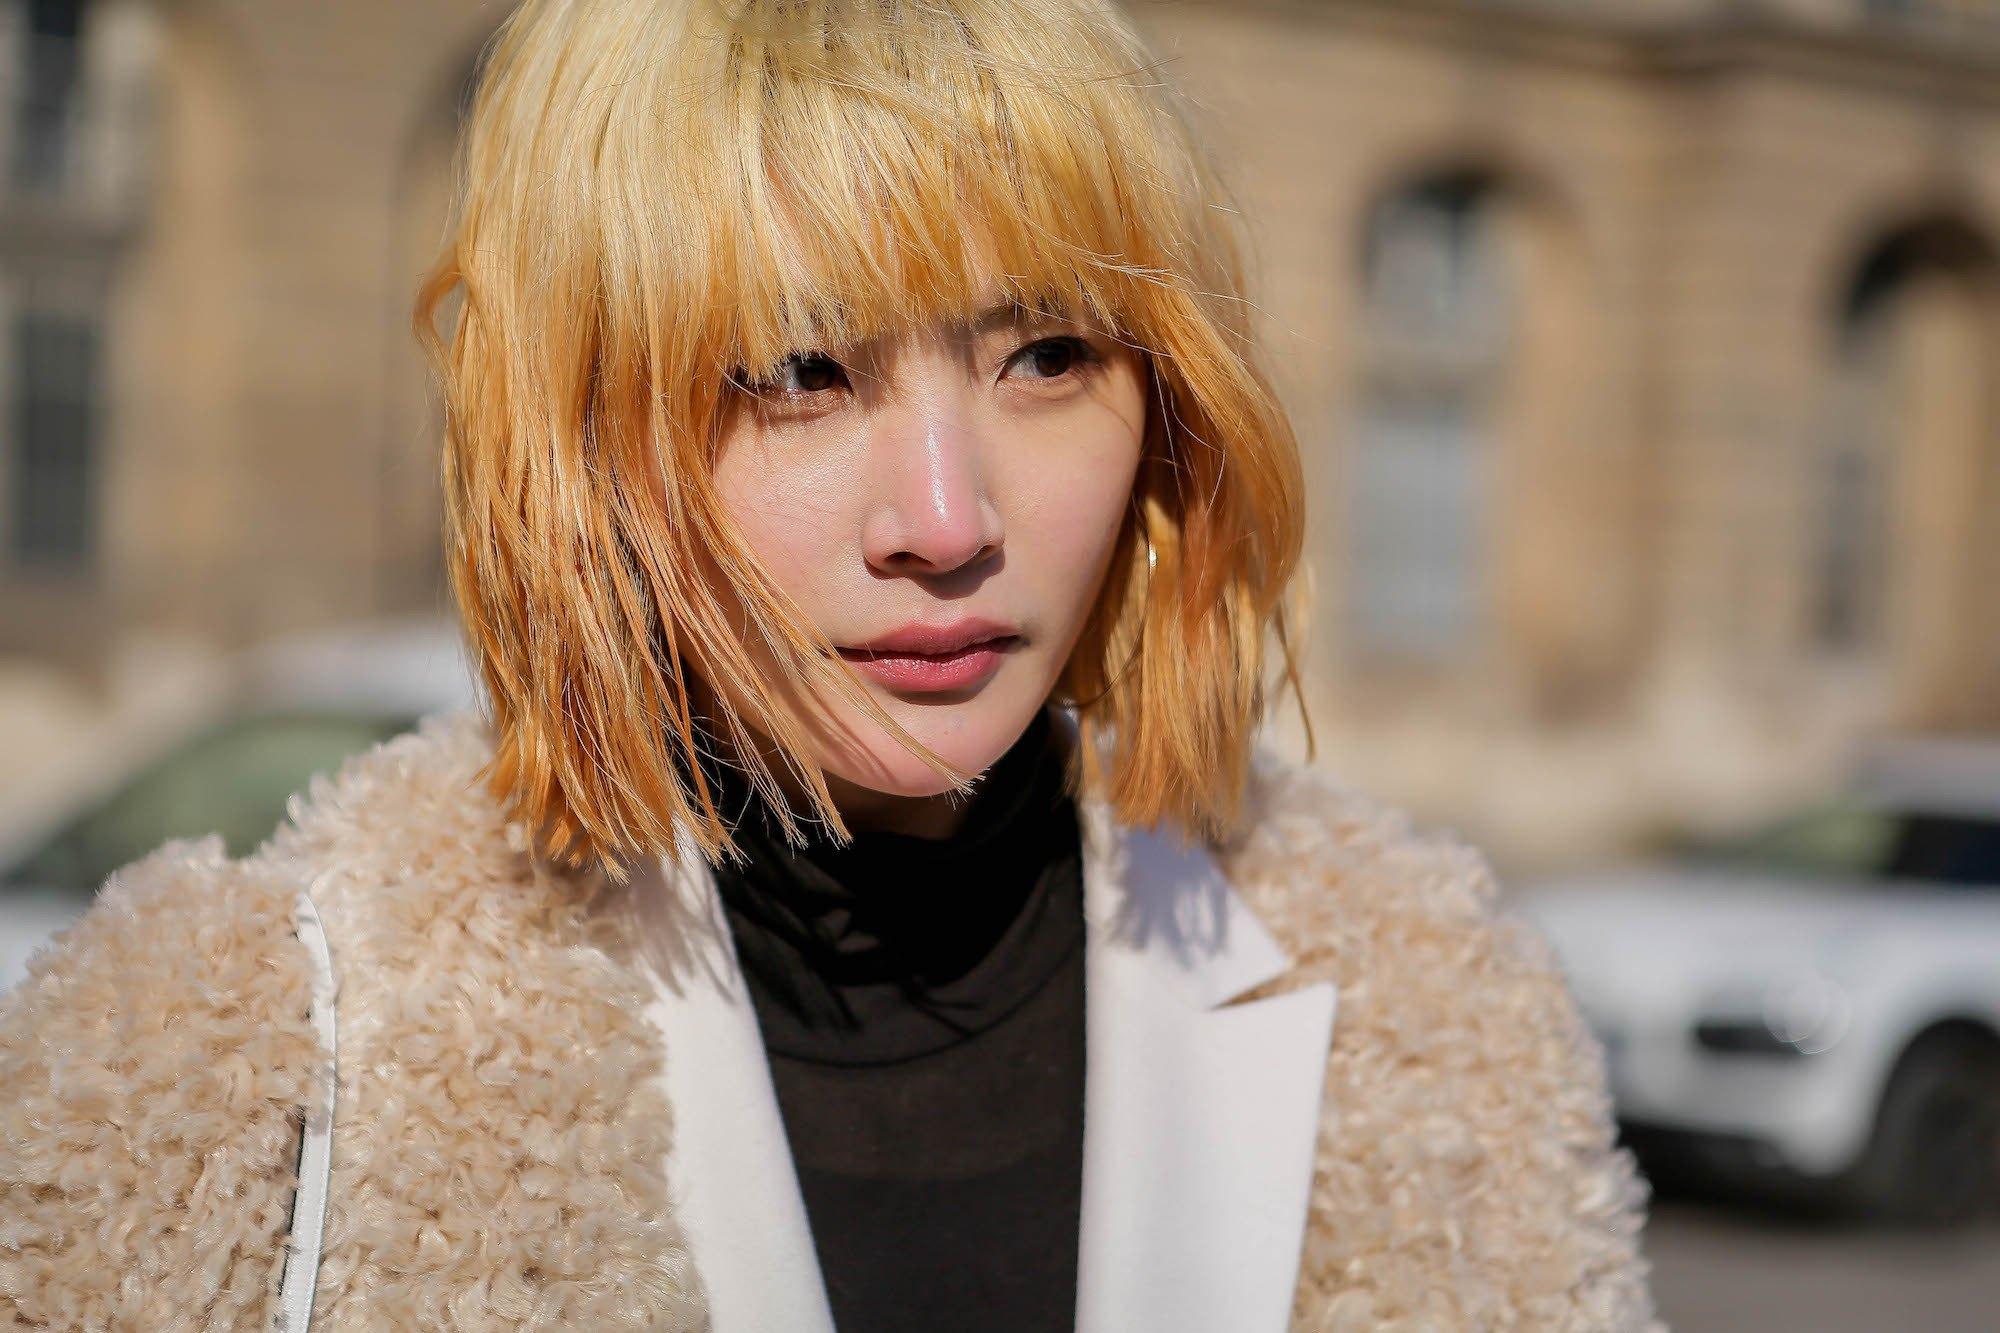 Wanita asia dengan warna rambut prang